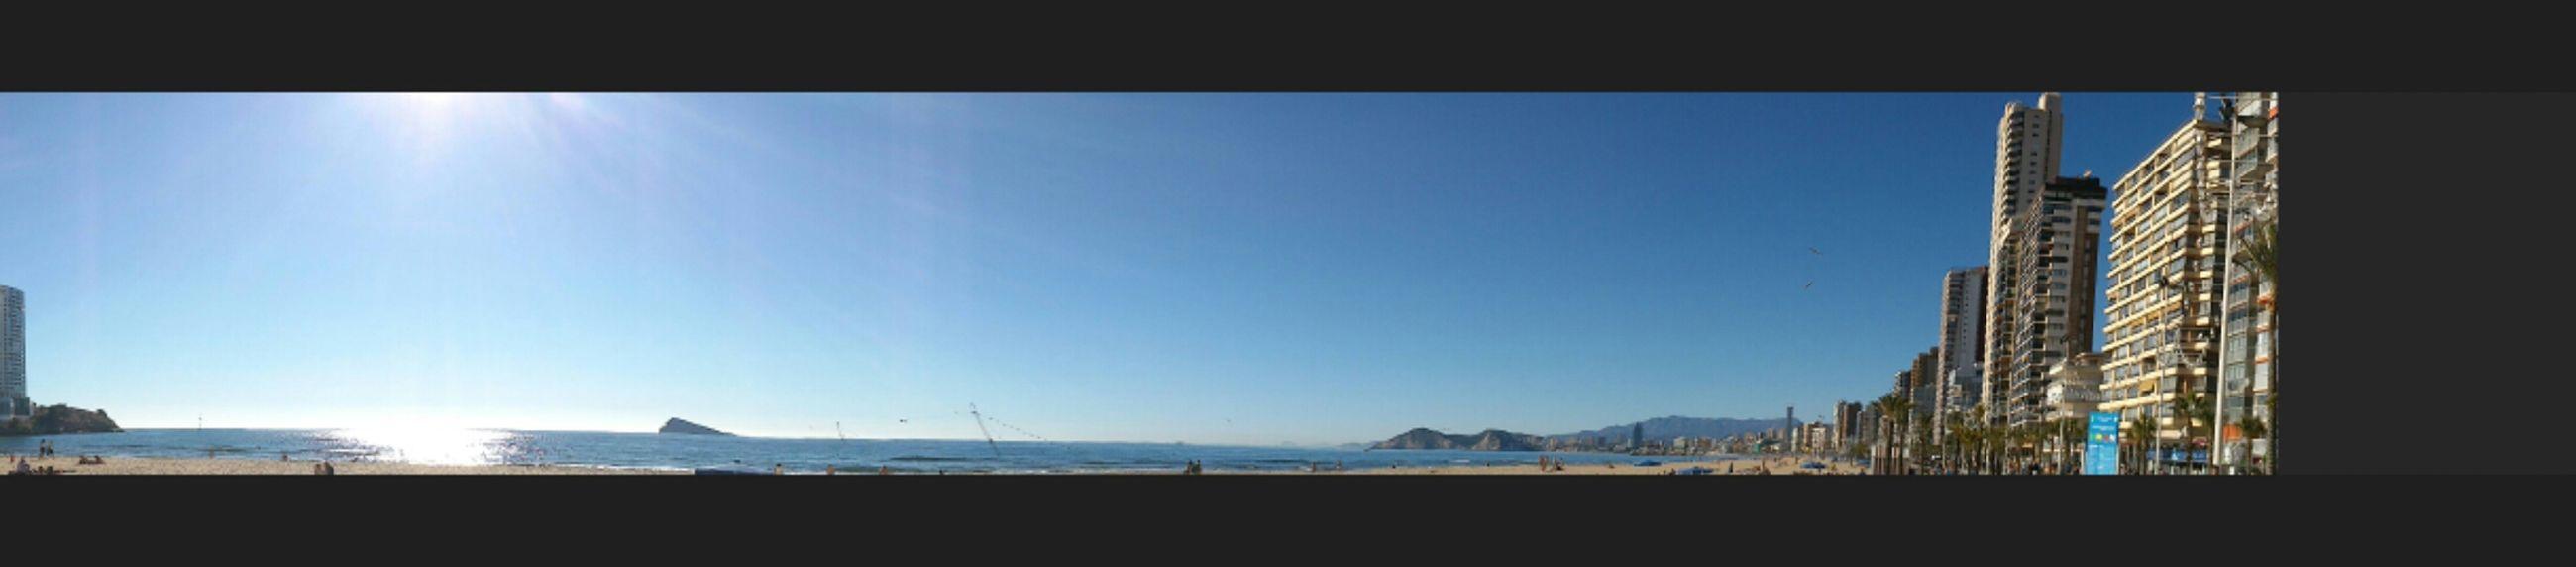 Un medio houra de #Siësta en la Playa ke te Gustaaaaaa